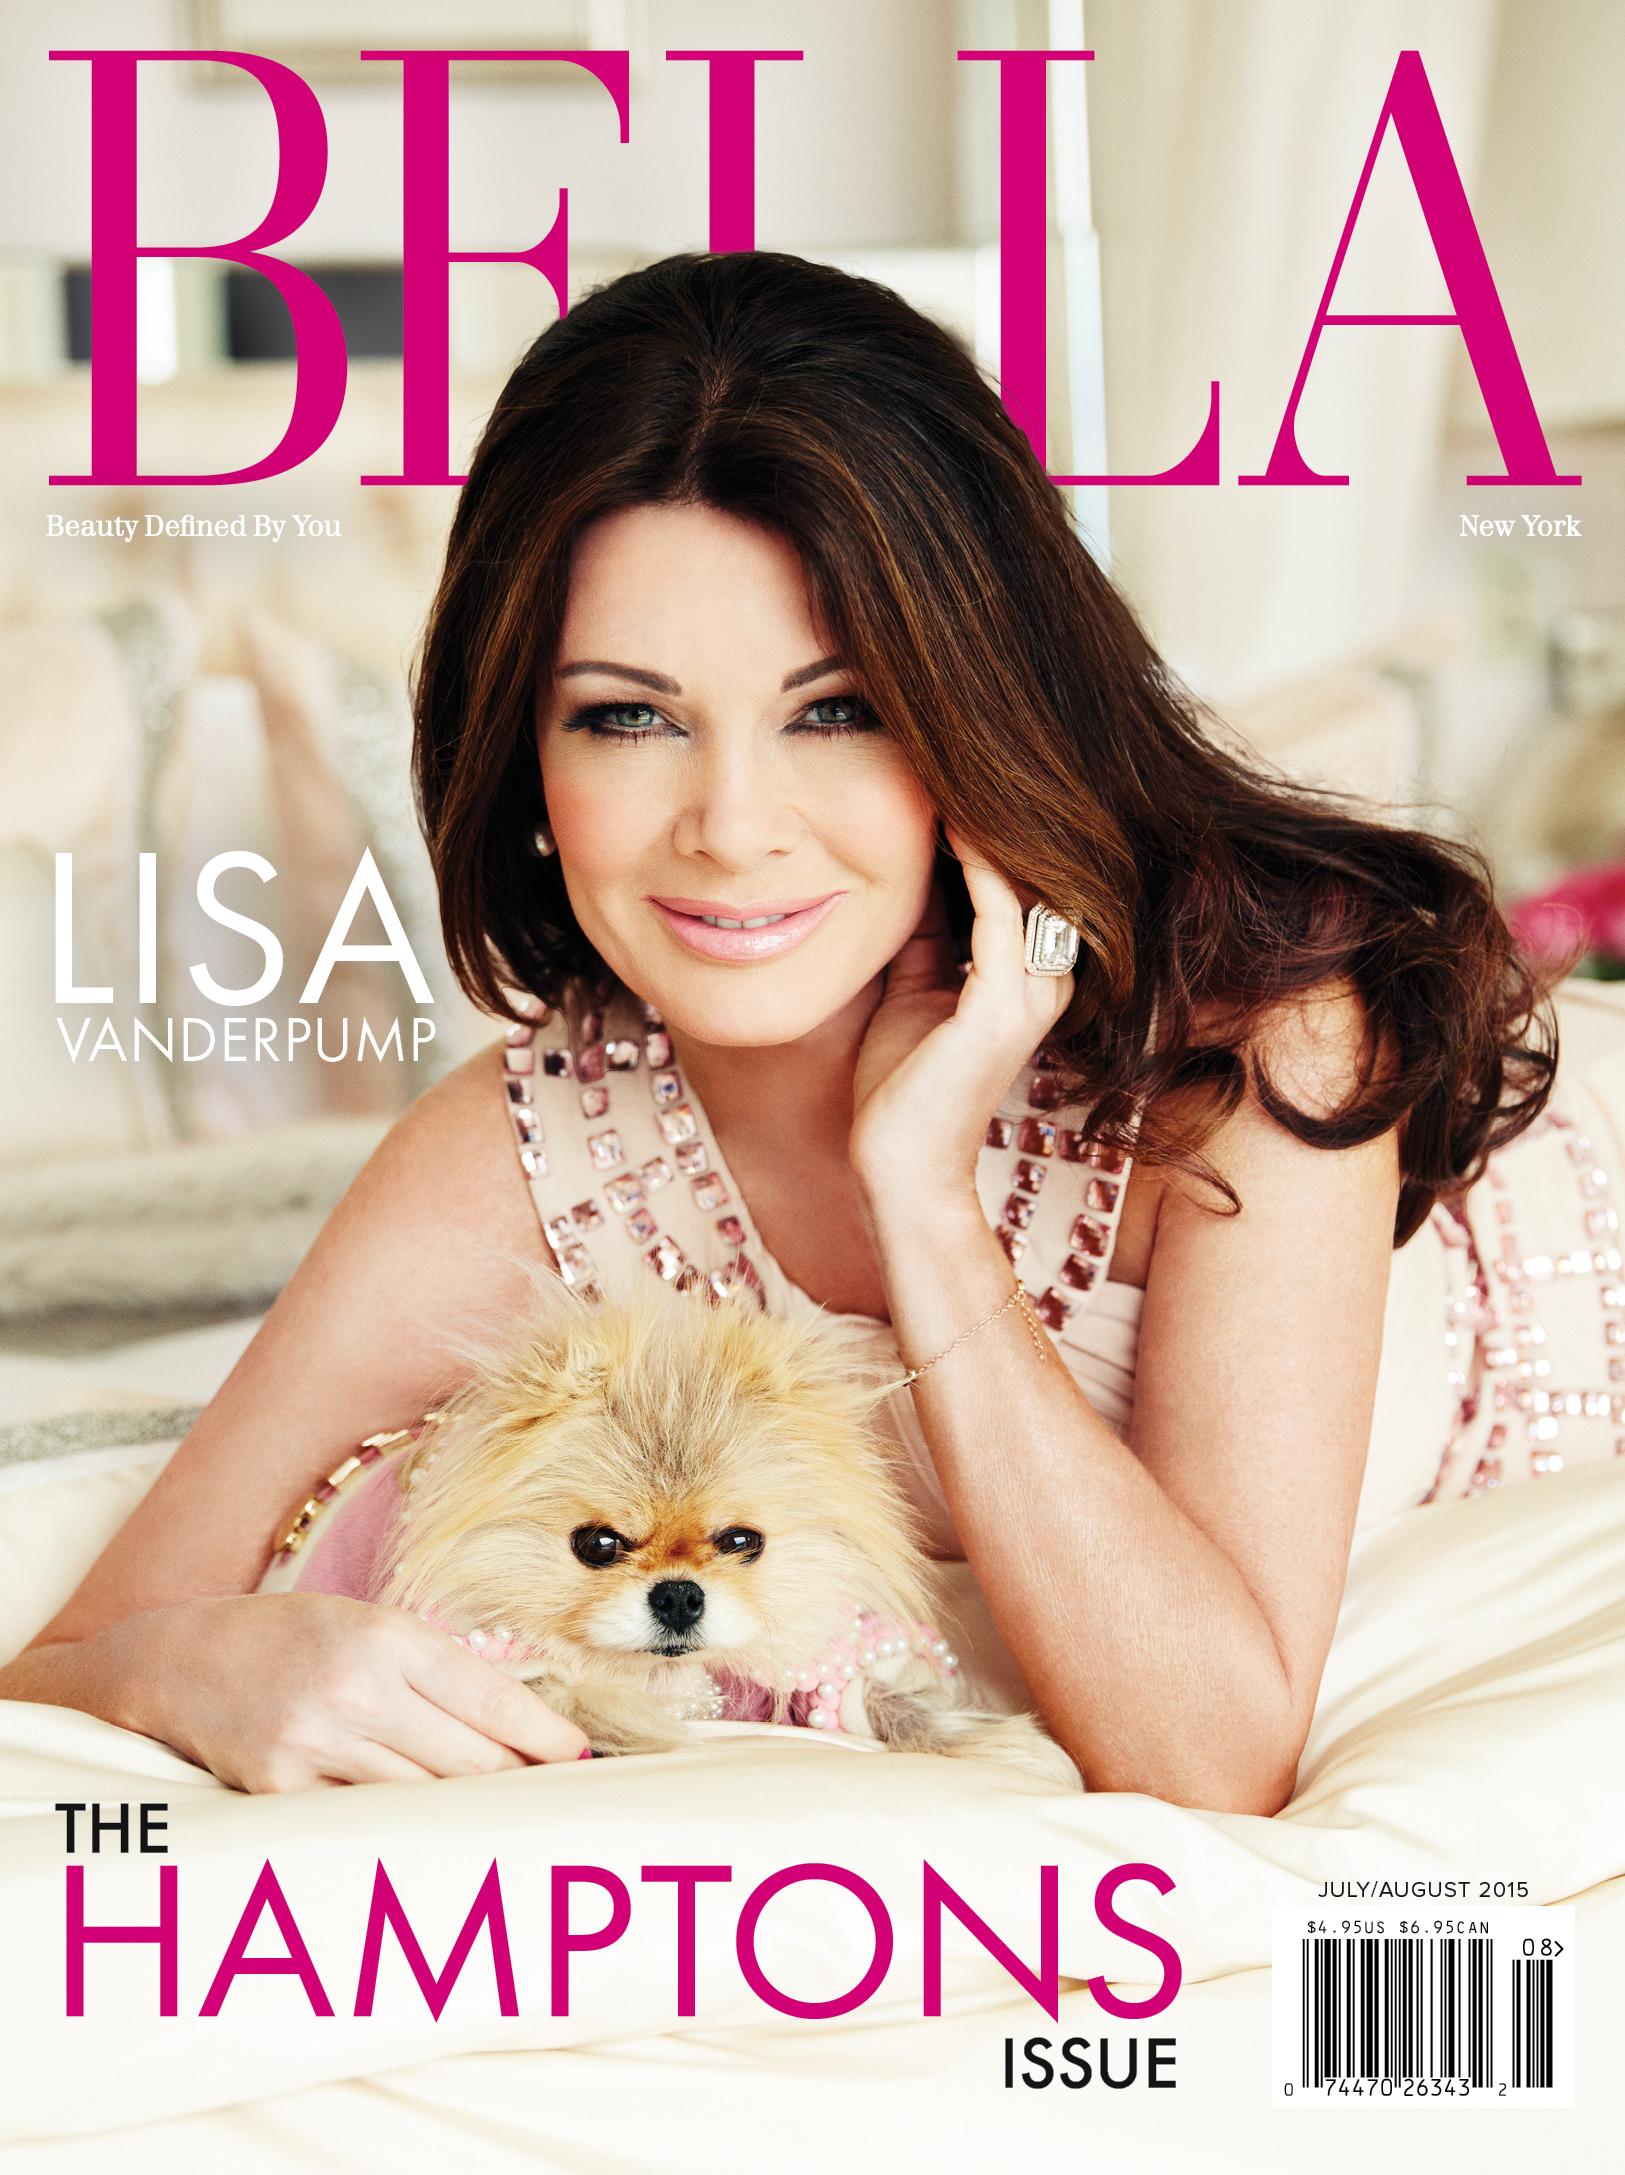 Lisa Vanderpump for Bella NYC Magazine, July/August 2015